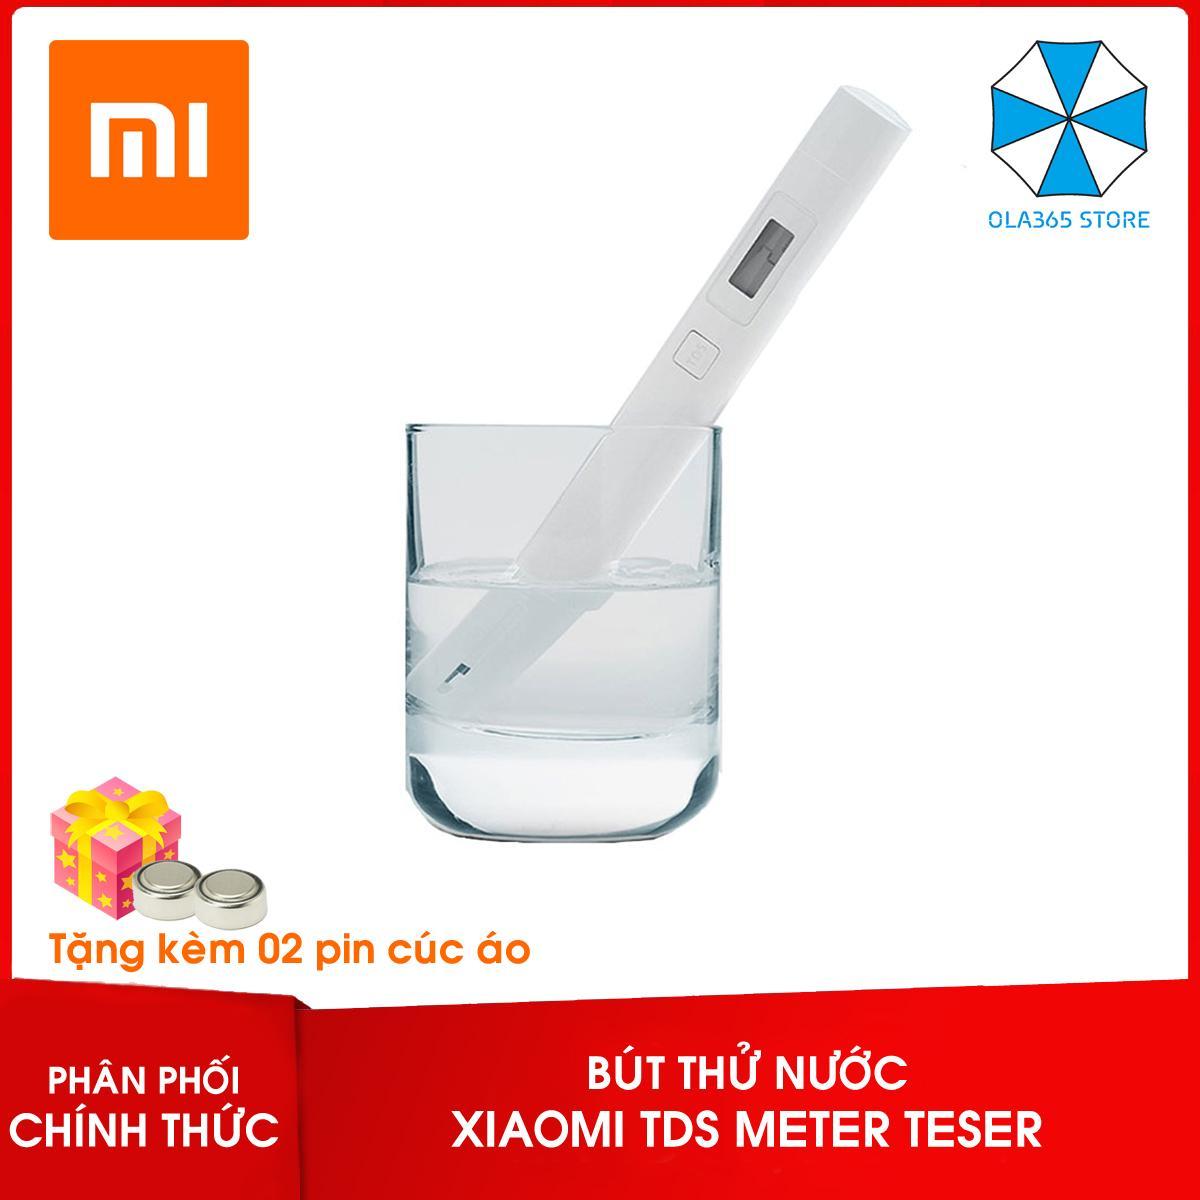 Bút thử nước, kiểm tra chất lượng nước Xiaomi TDS Meter Tester